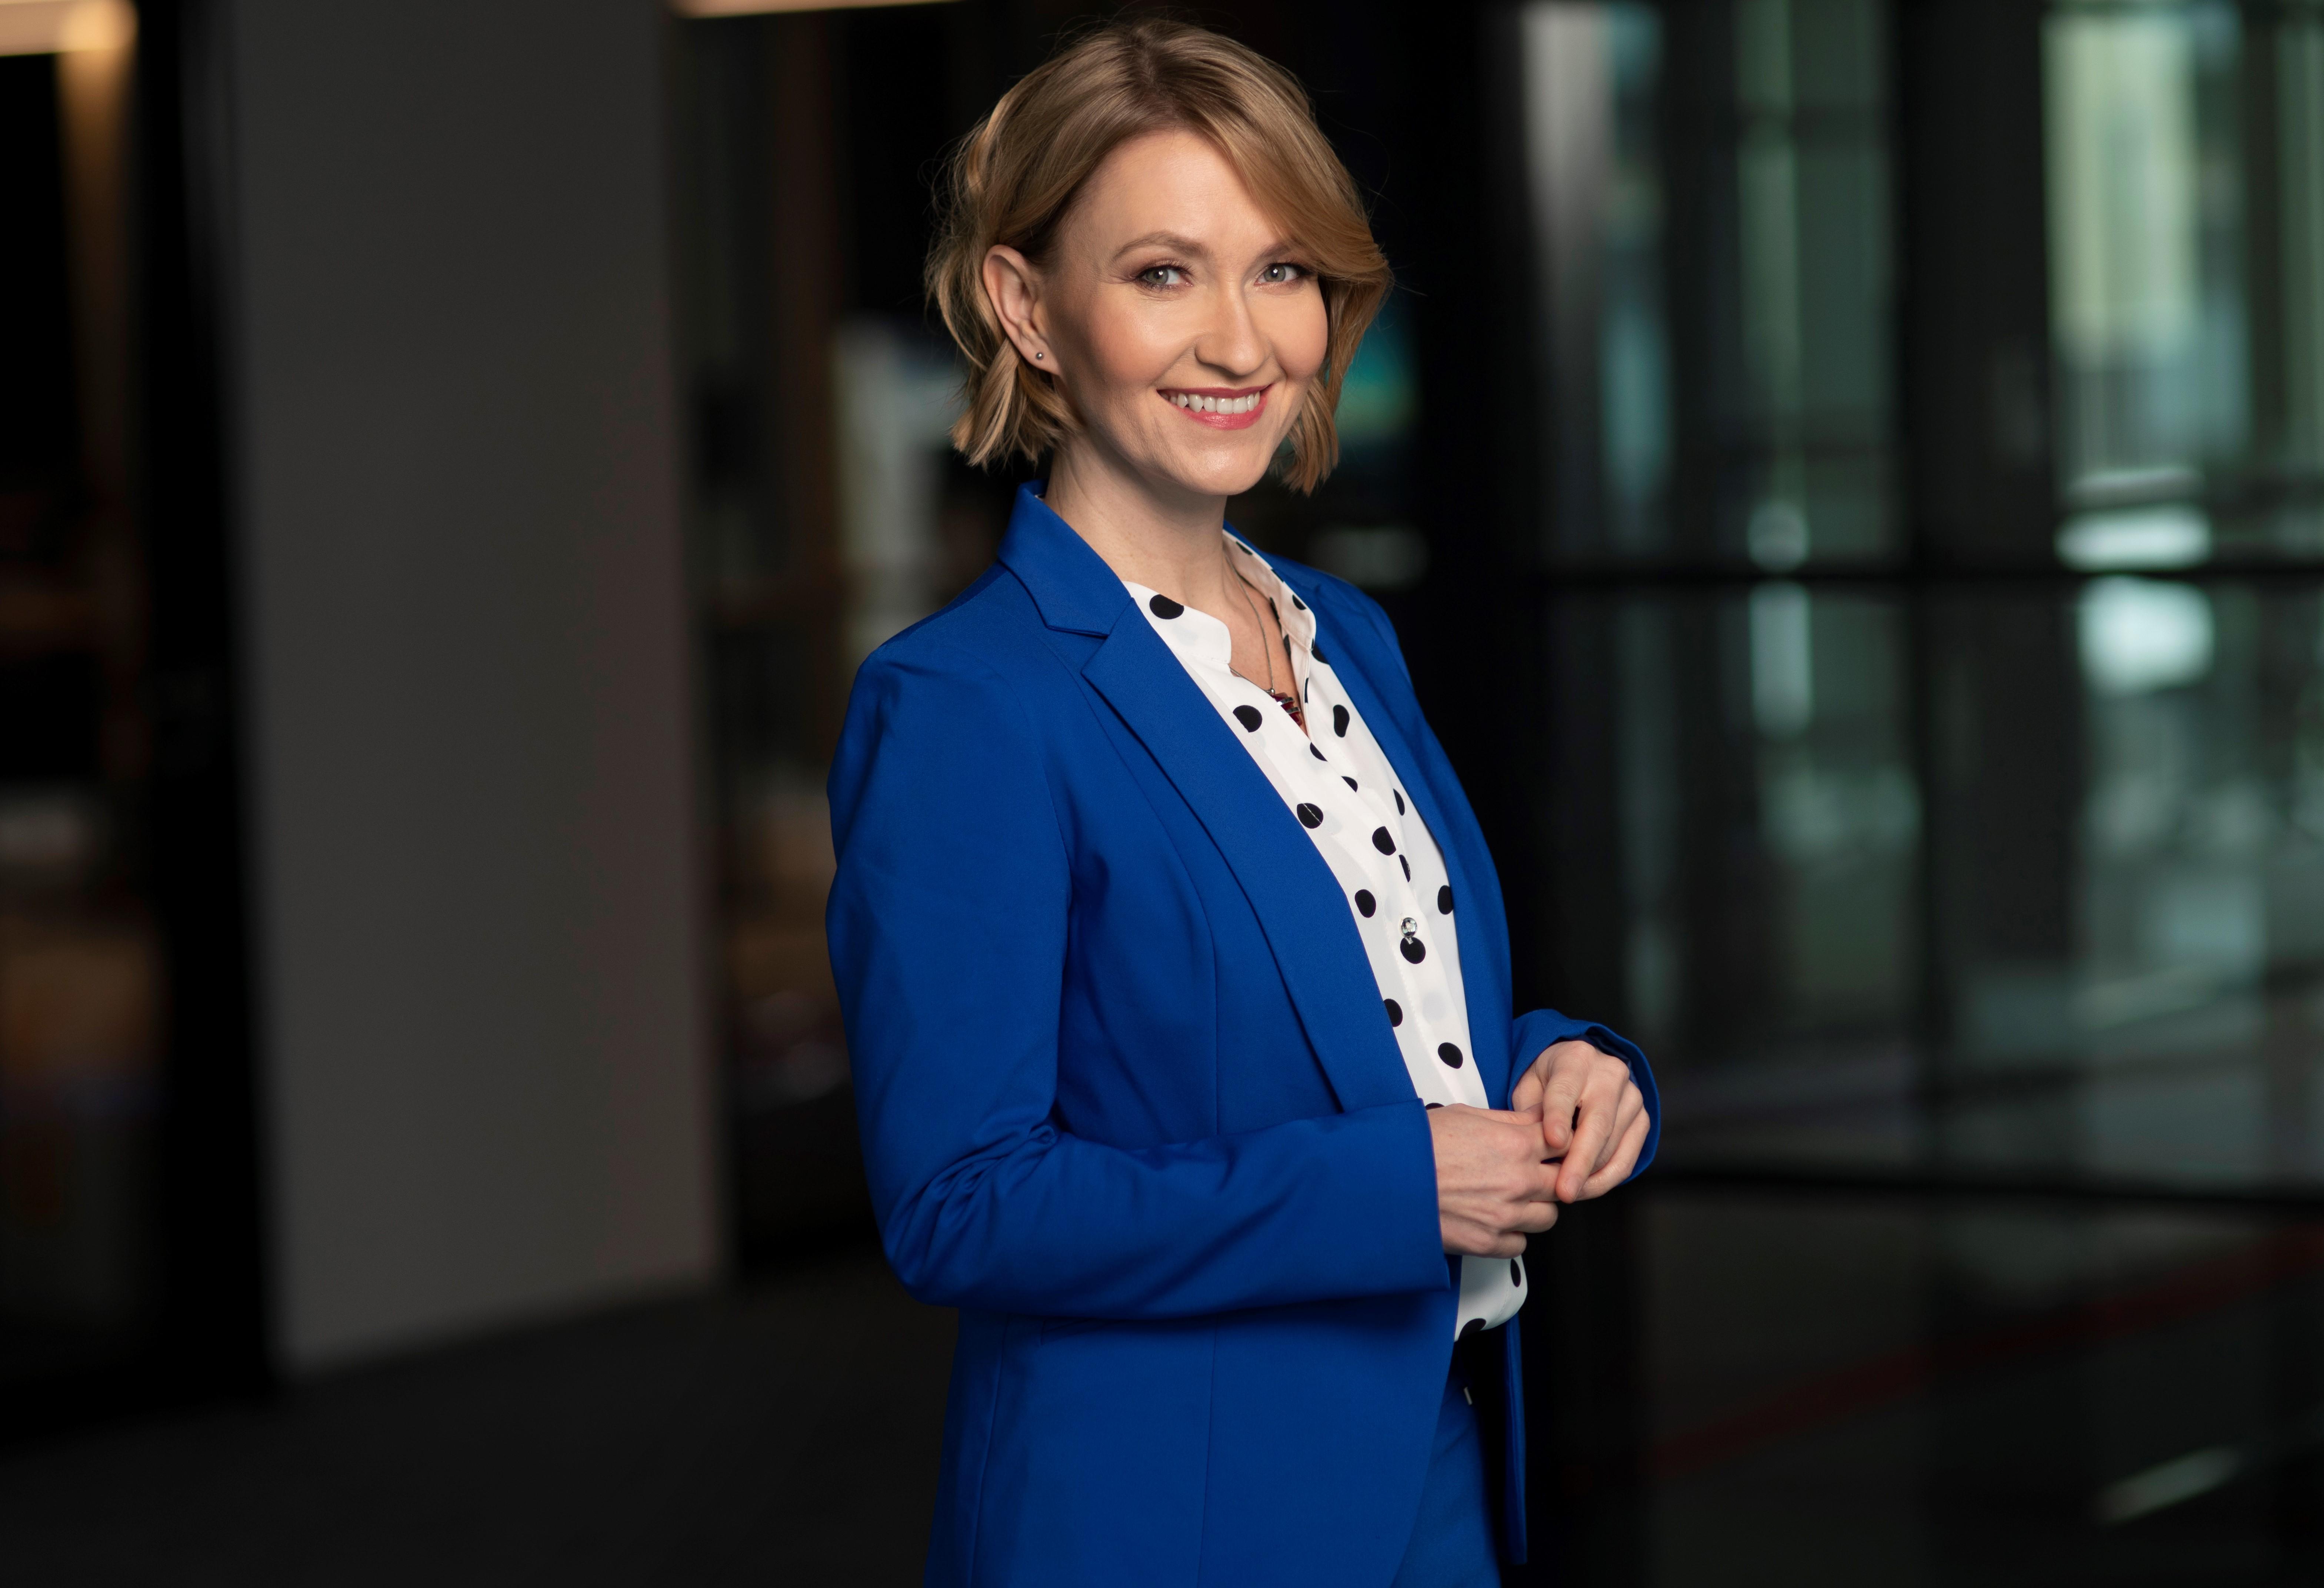 Magdalena Brzezińska, Grupa Żywiec: 4 lekcje z pandemii